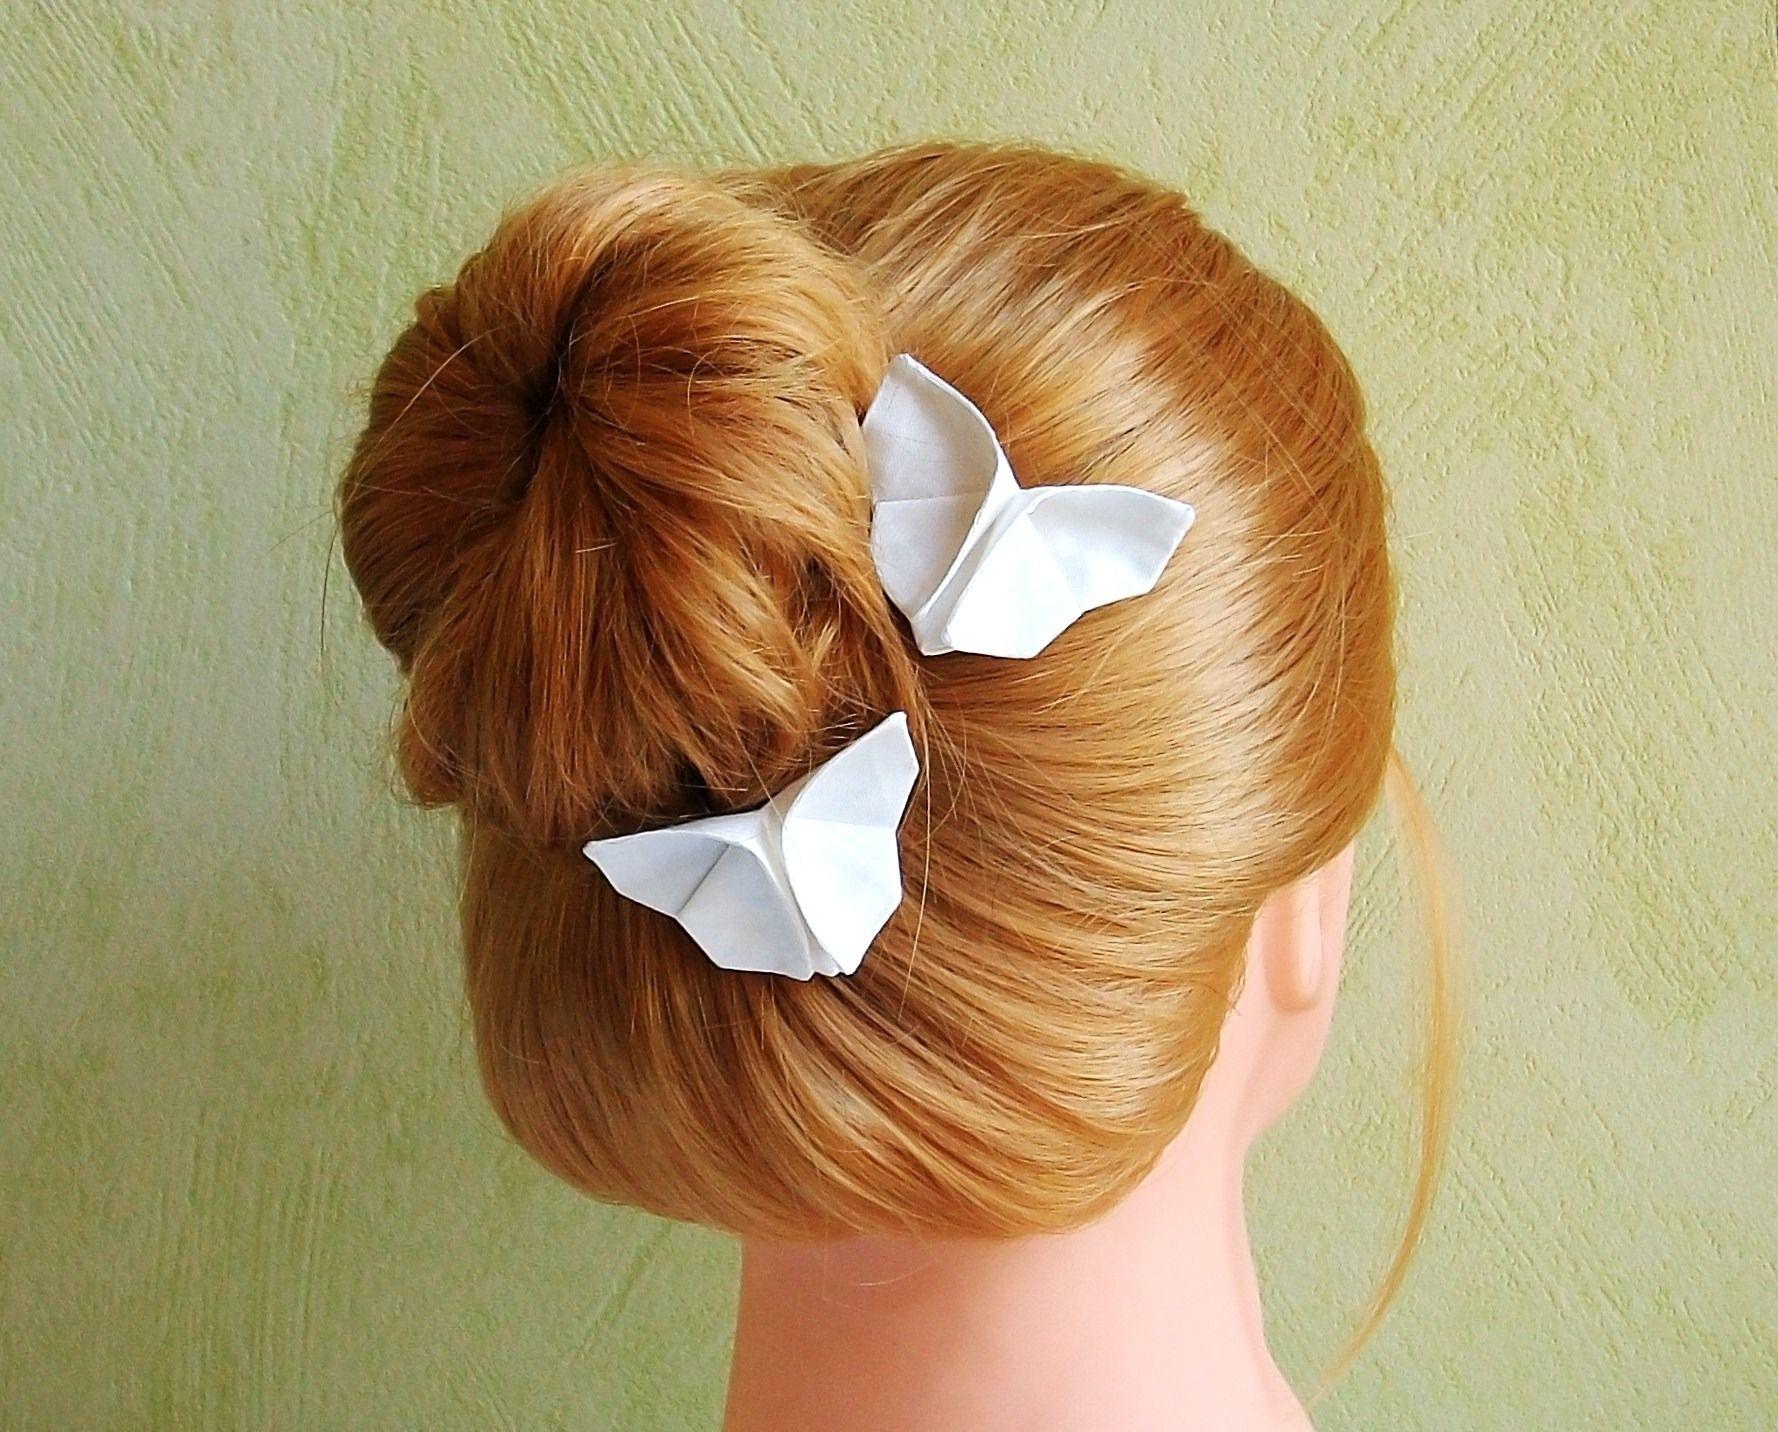 MARIAGE papillons origami en soie blanc ivoire, accessoires de mode pour  cheveux, pinces, barrettes raffinées \u0026 romantiques en tissu